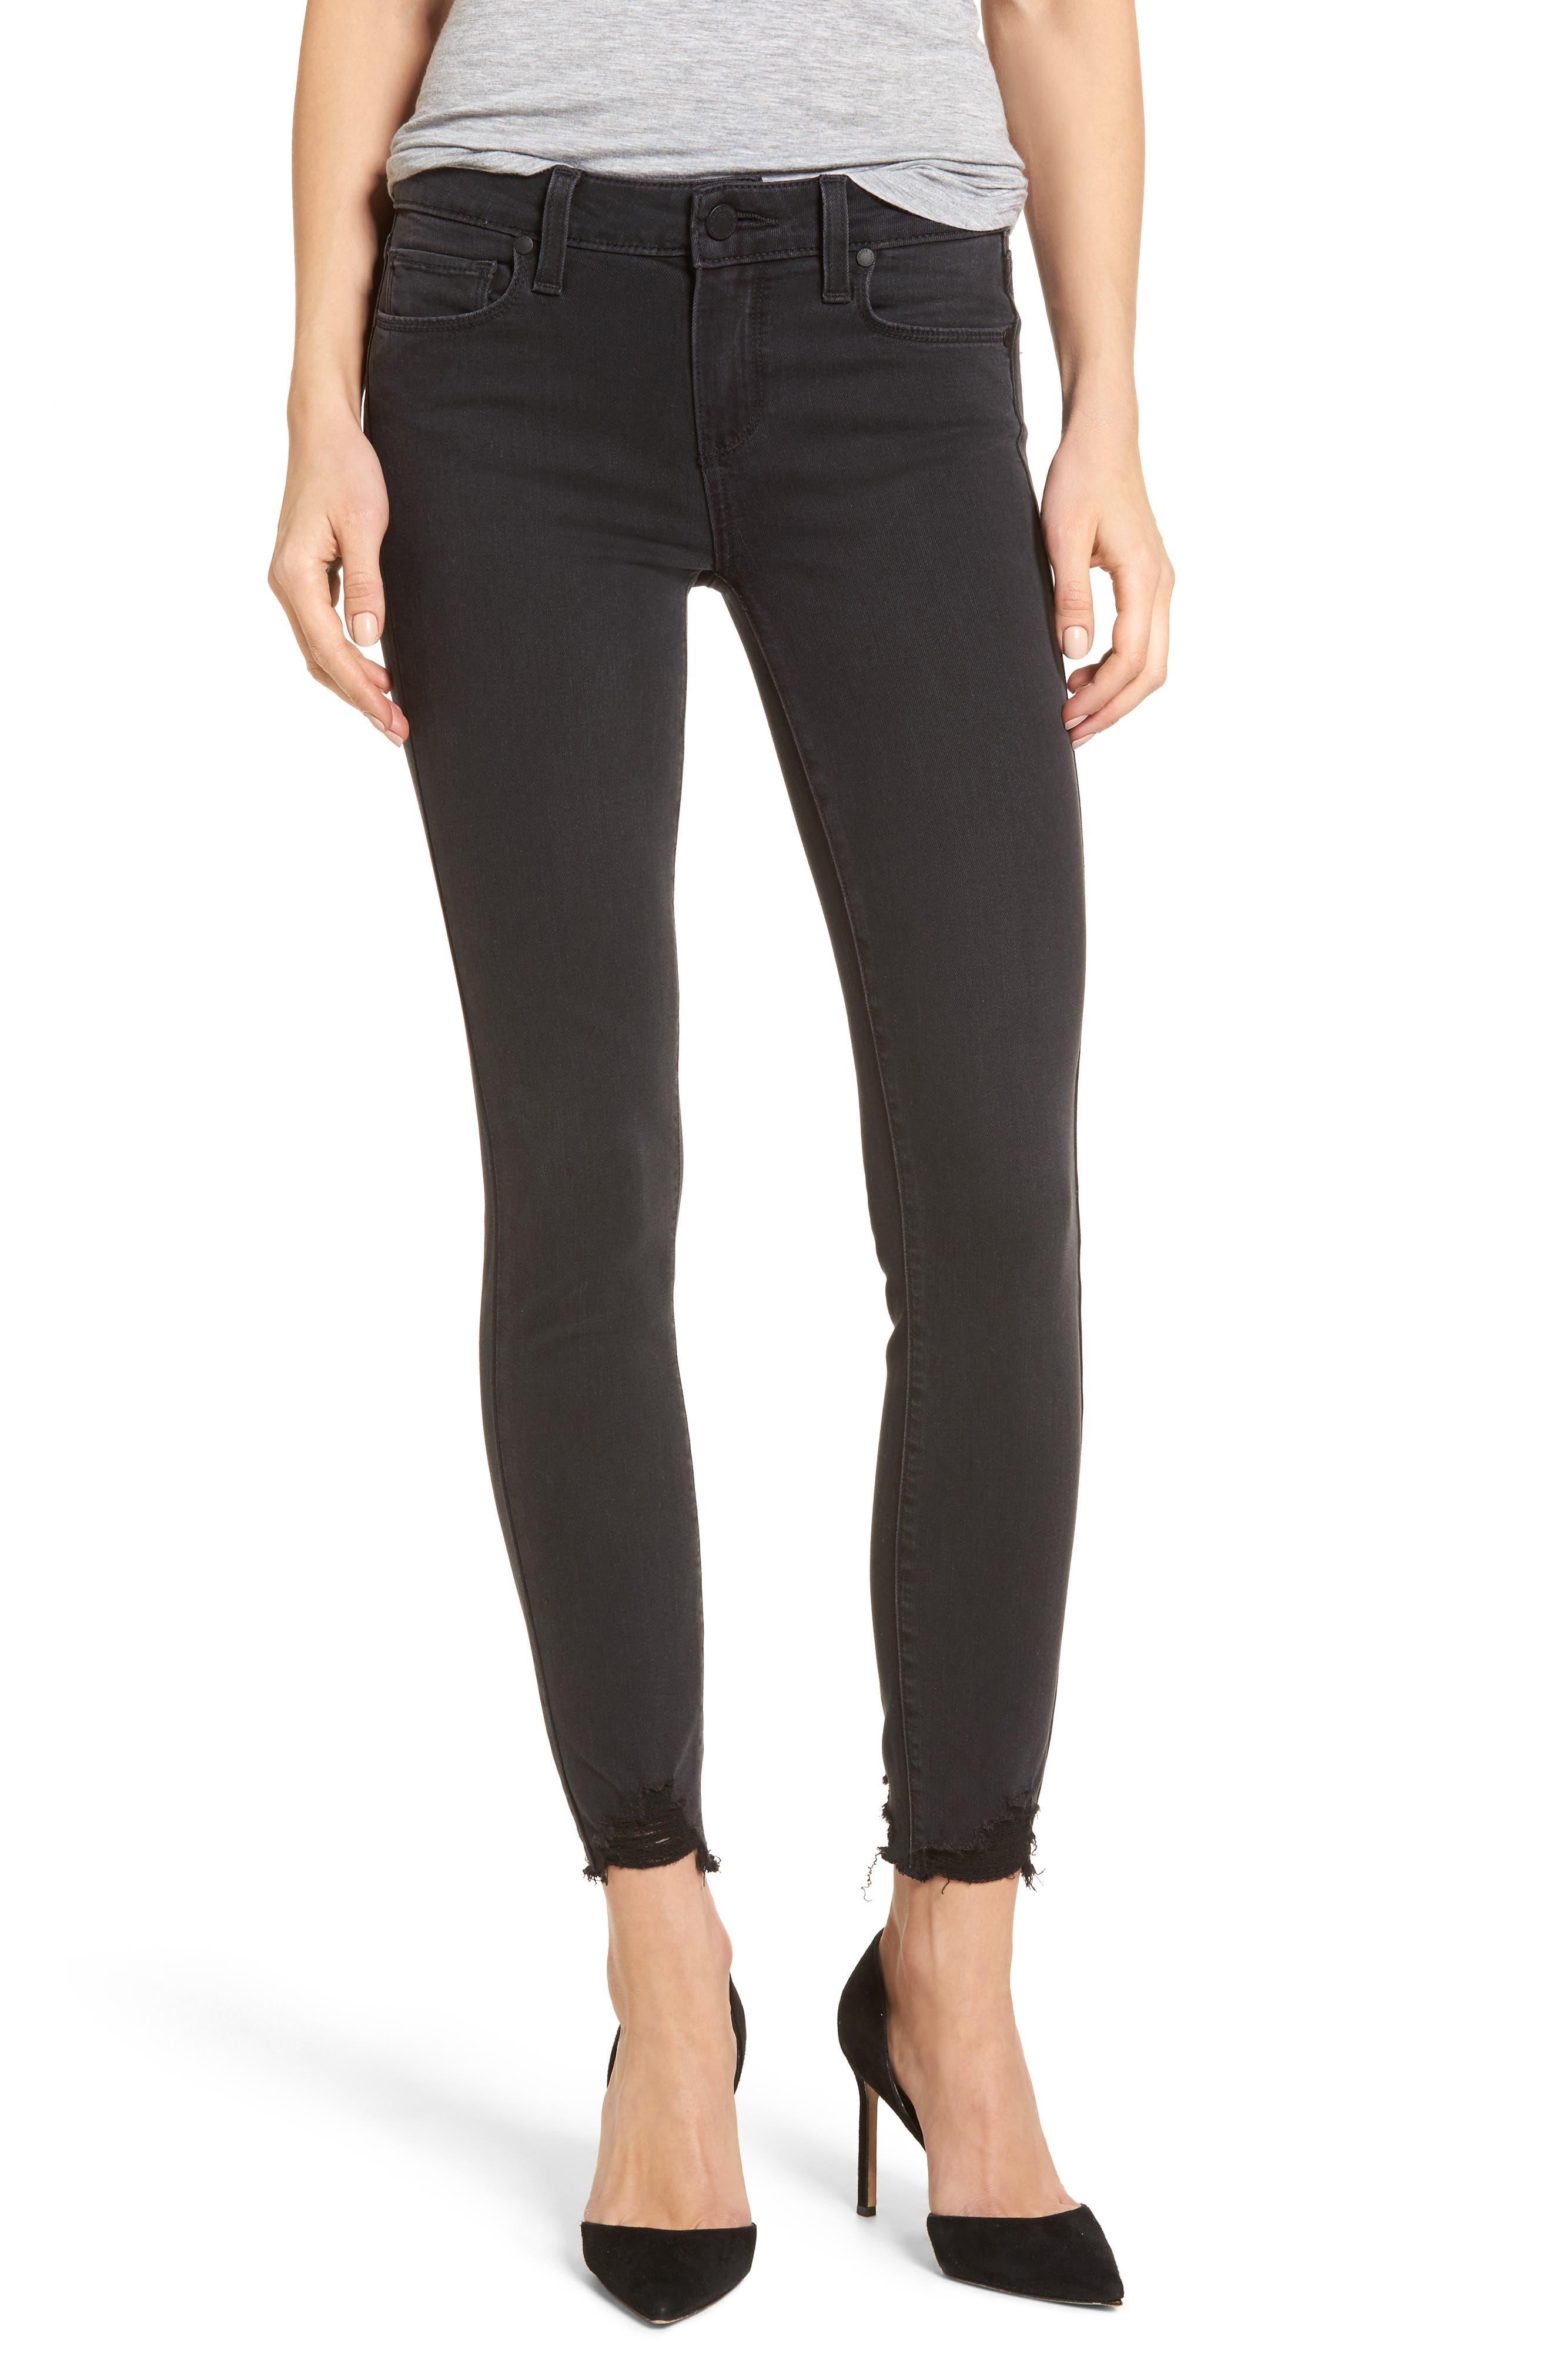 PAIGE Transcend - Verdugo Ankle Skinny Jeans (Black Fog Super Distressed)